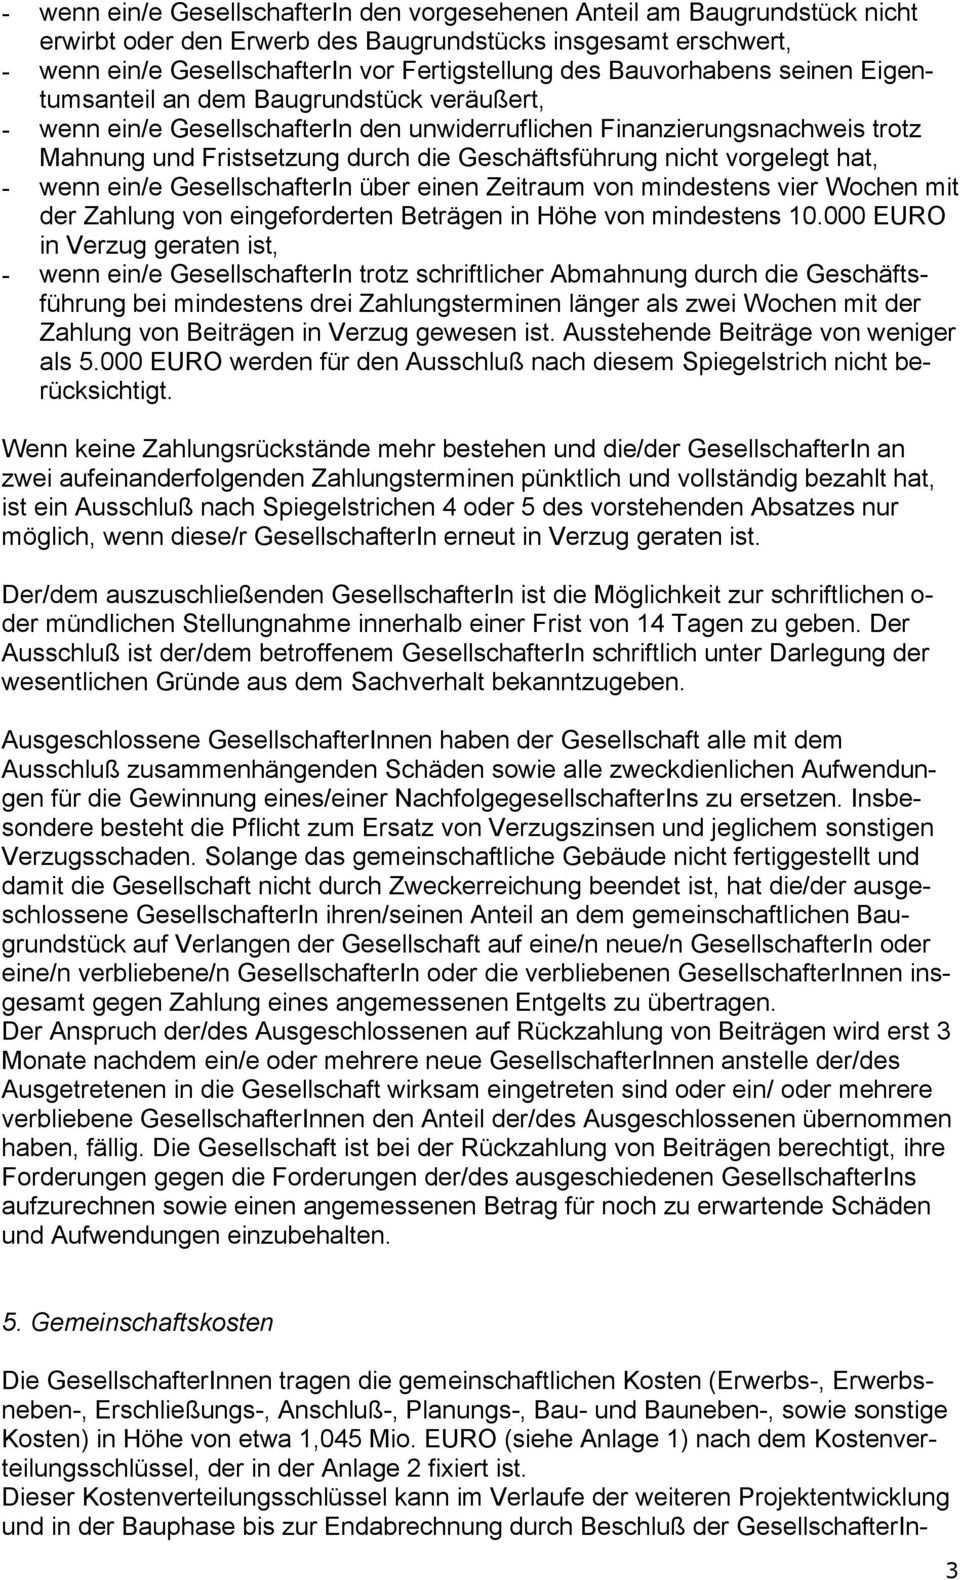 Gesellschaftsvertrag Der Grundstucksgemeinschaft Bauherren Gbr Pdf Free Download